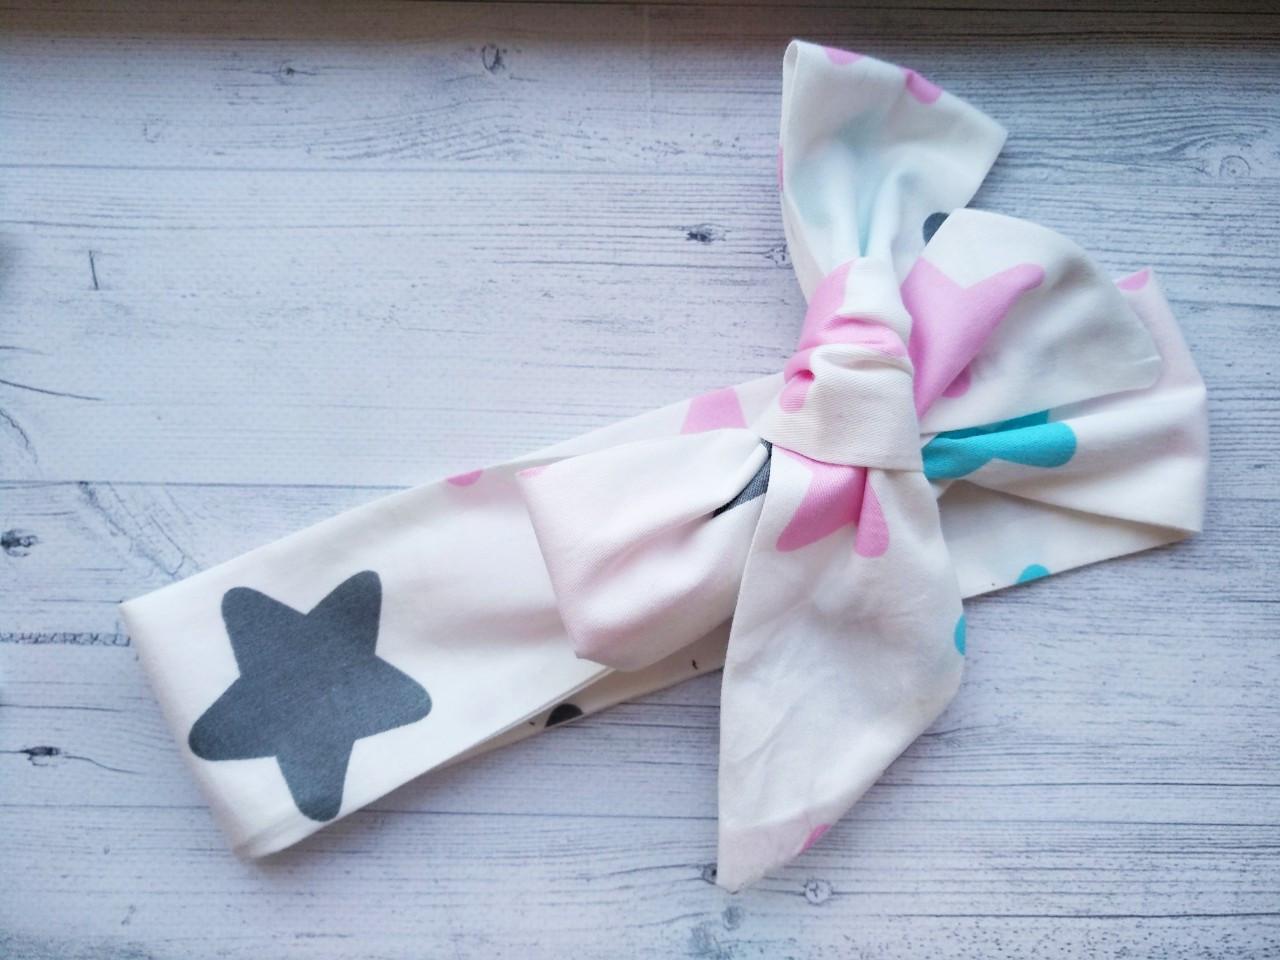 Повязка на голову для девочки солоха большой бант с рисунком звезда розовая+серая+голубой